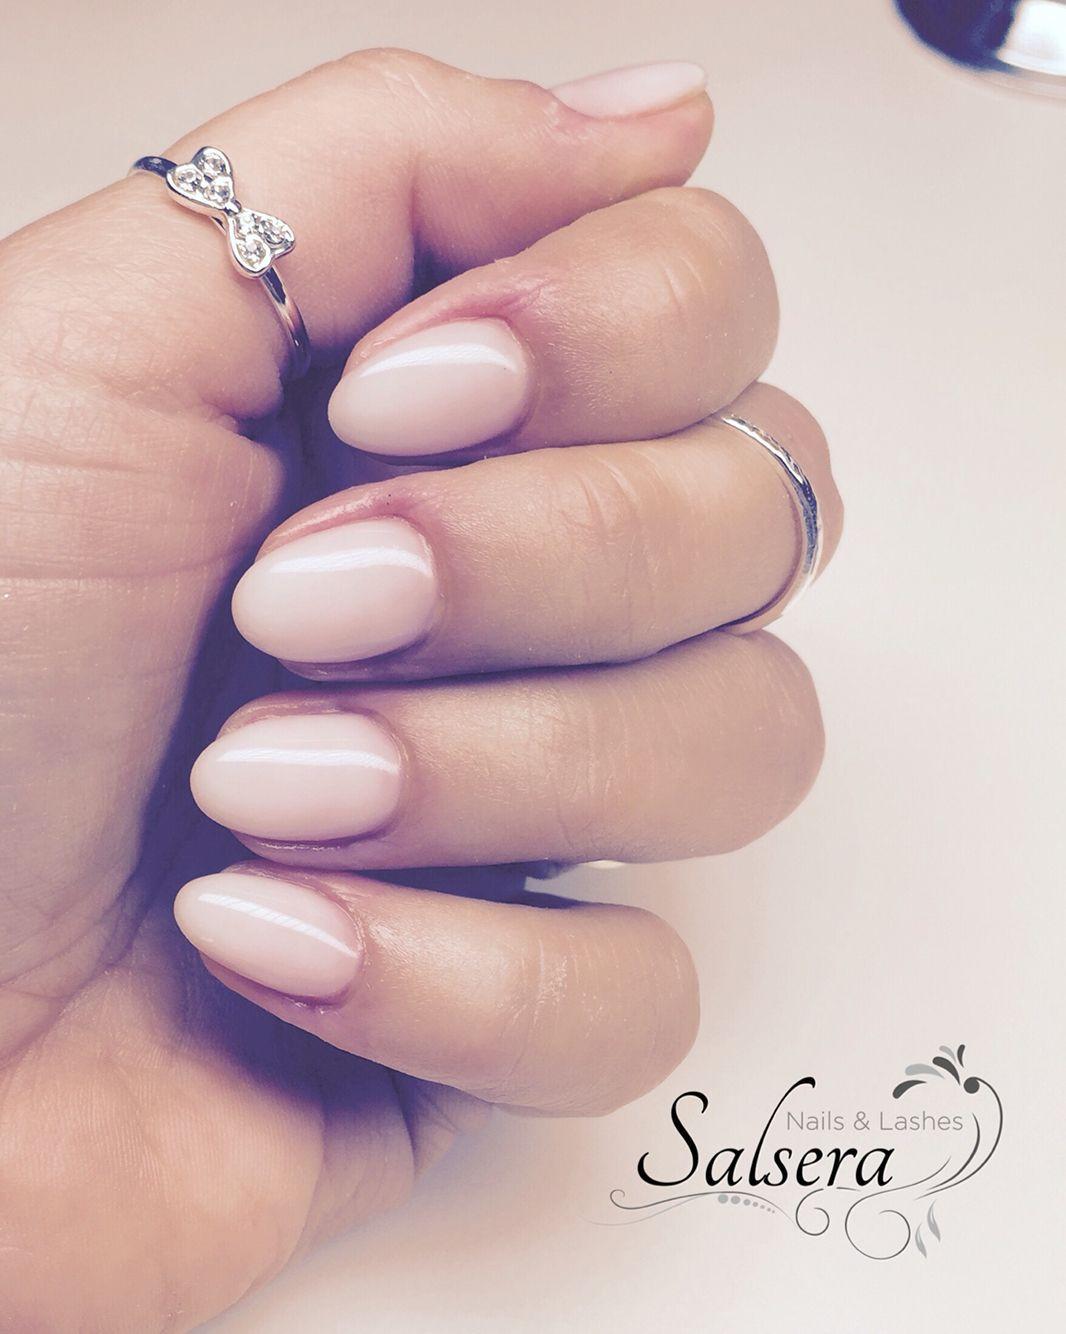 Nageldesign Frankfurt Am Main  Nails Nägel Nageldesign rund kurz schlicht Salsera